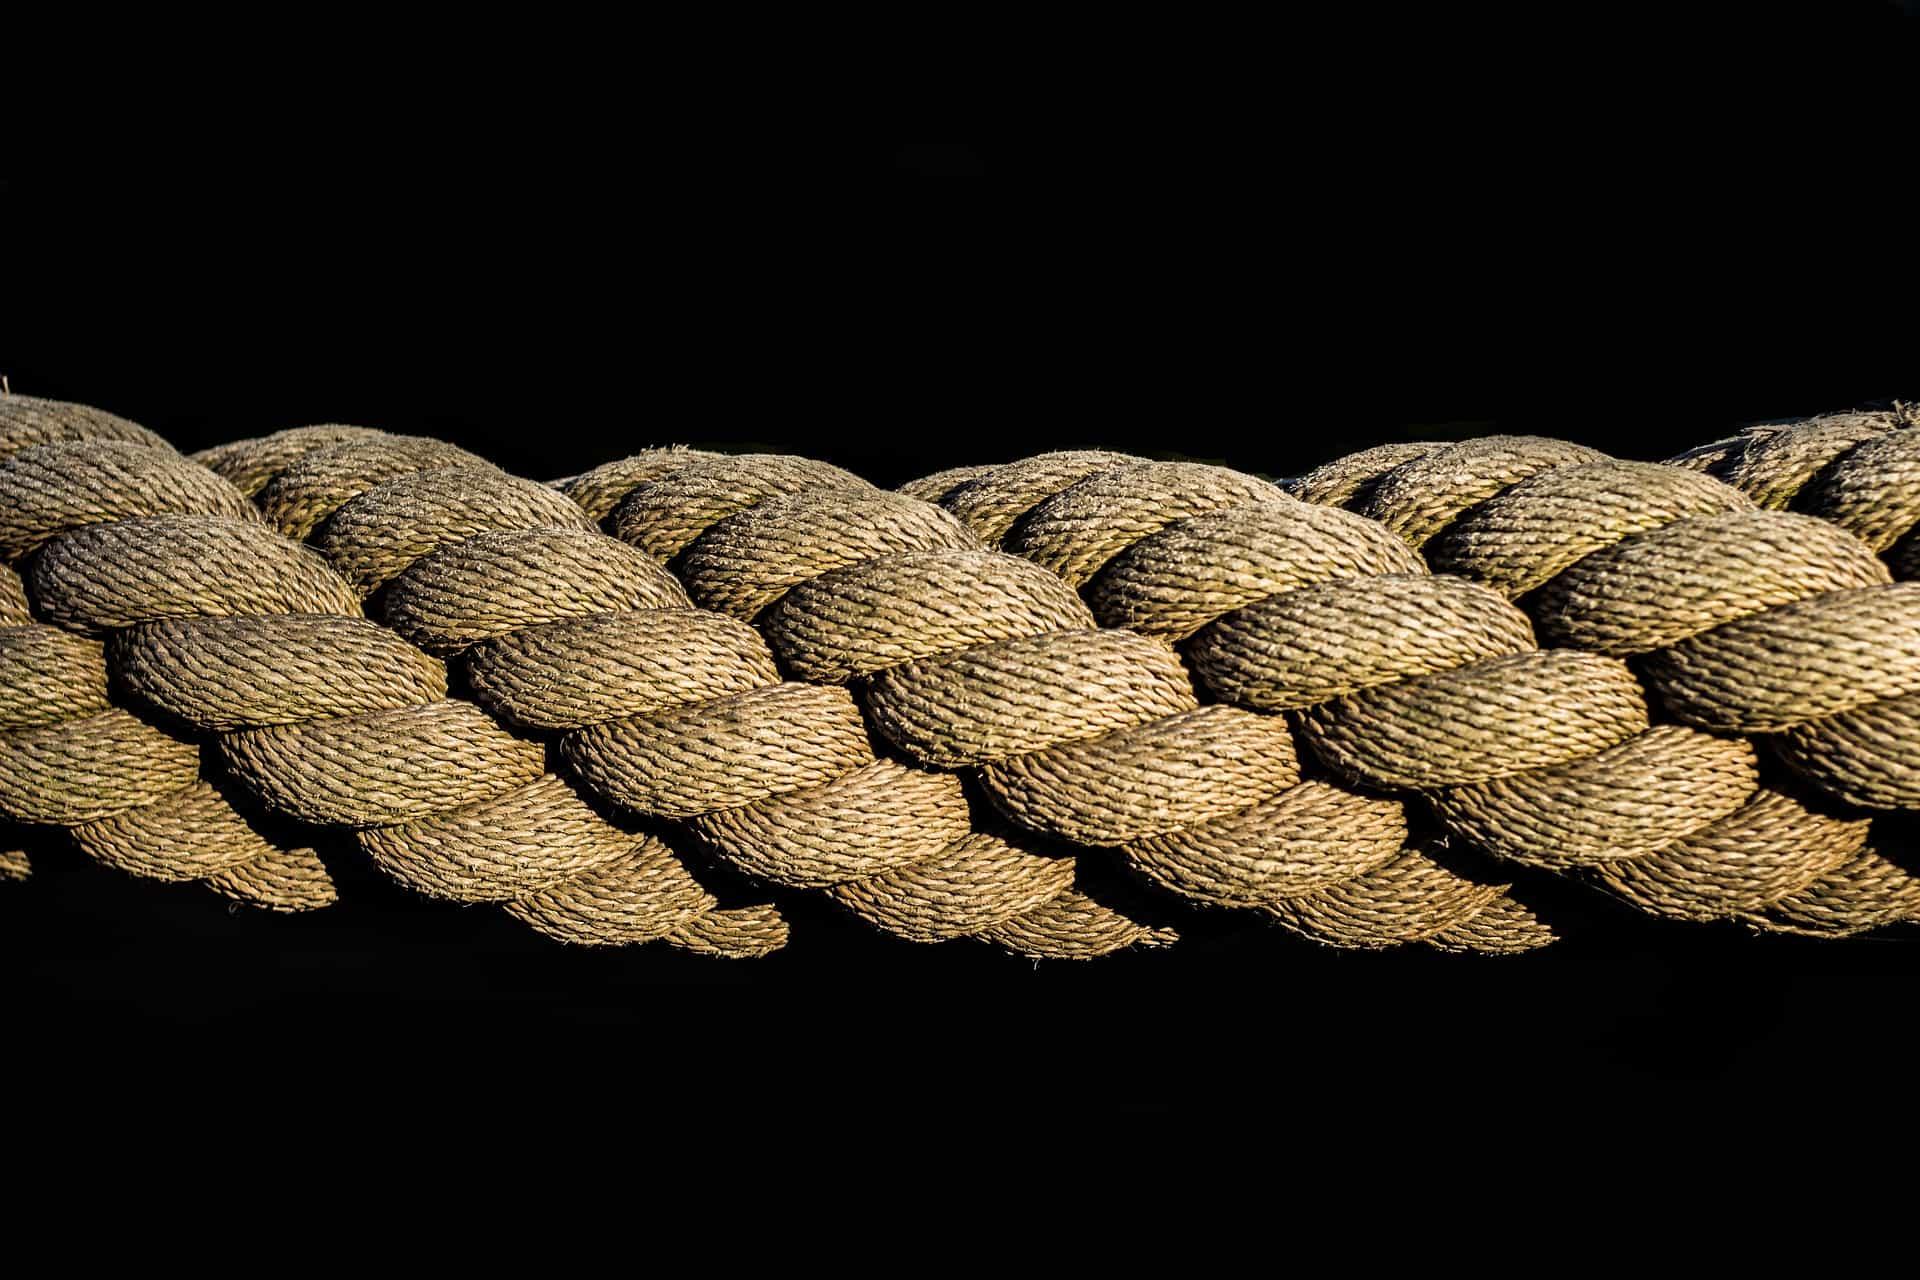 schommelbank maken touw van een schommel